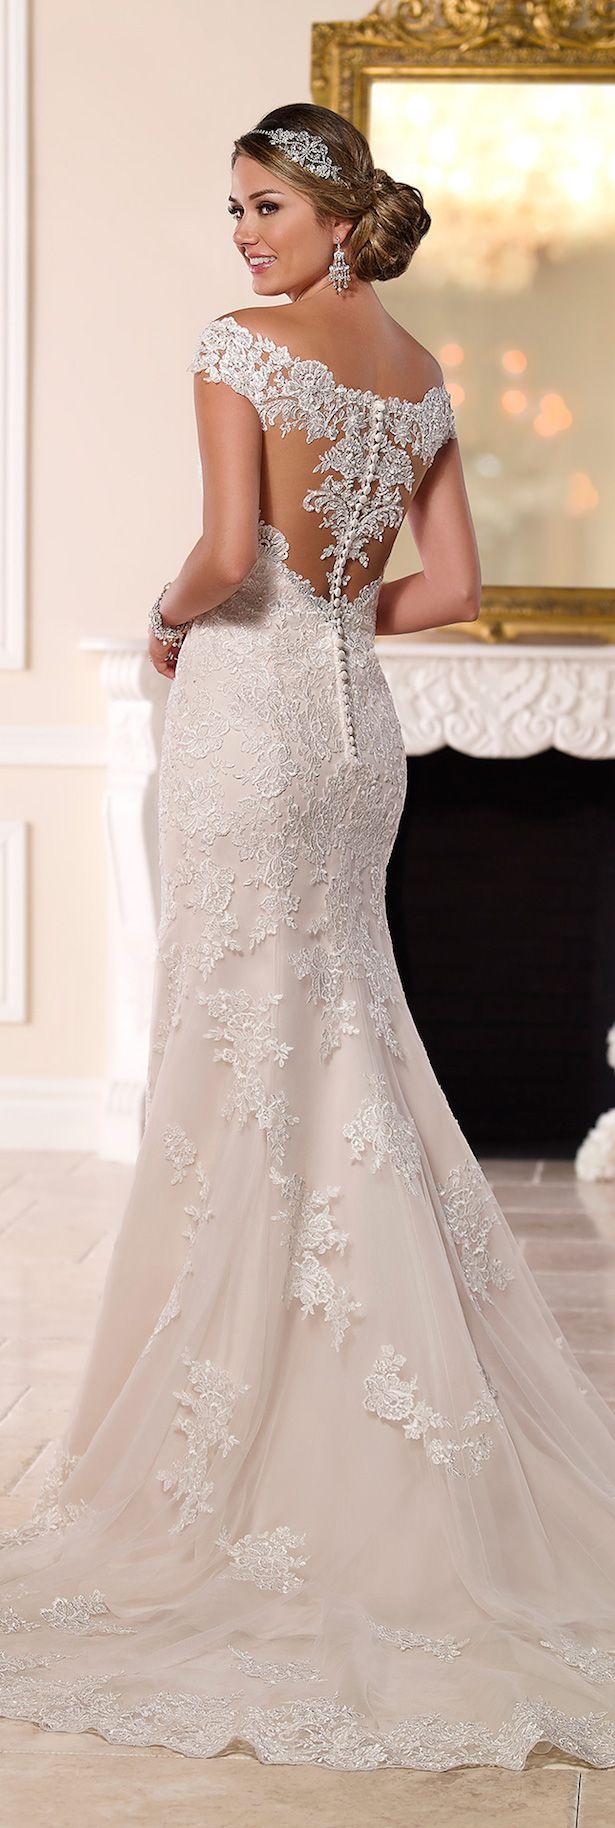 Vestidos de noiva - Coleção 2016 - Stella York.